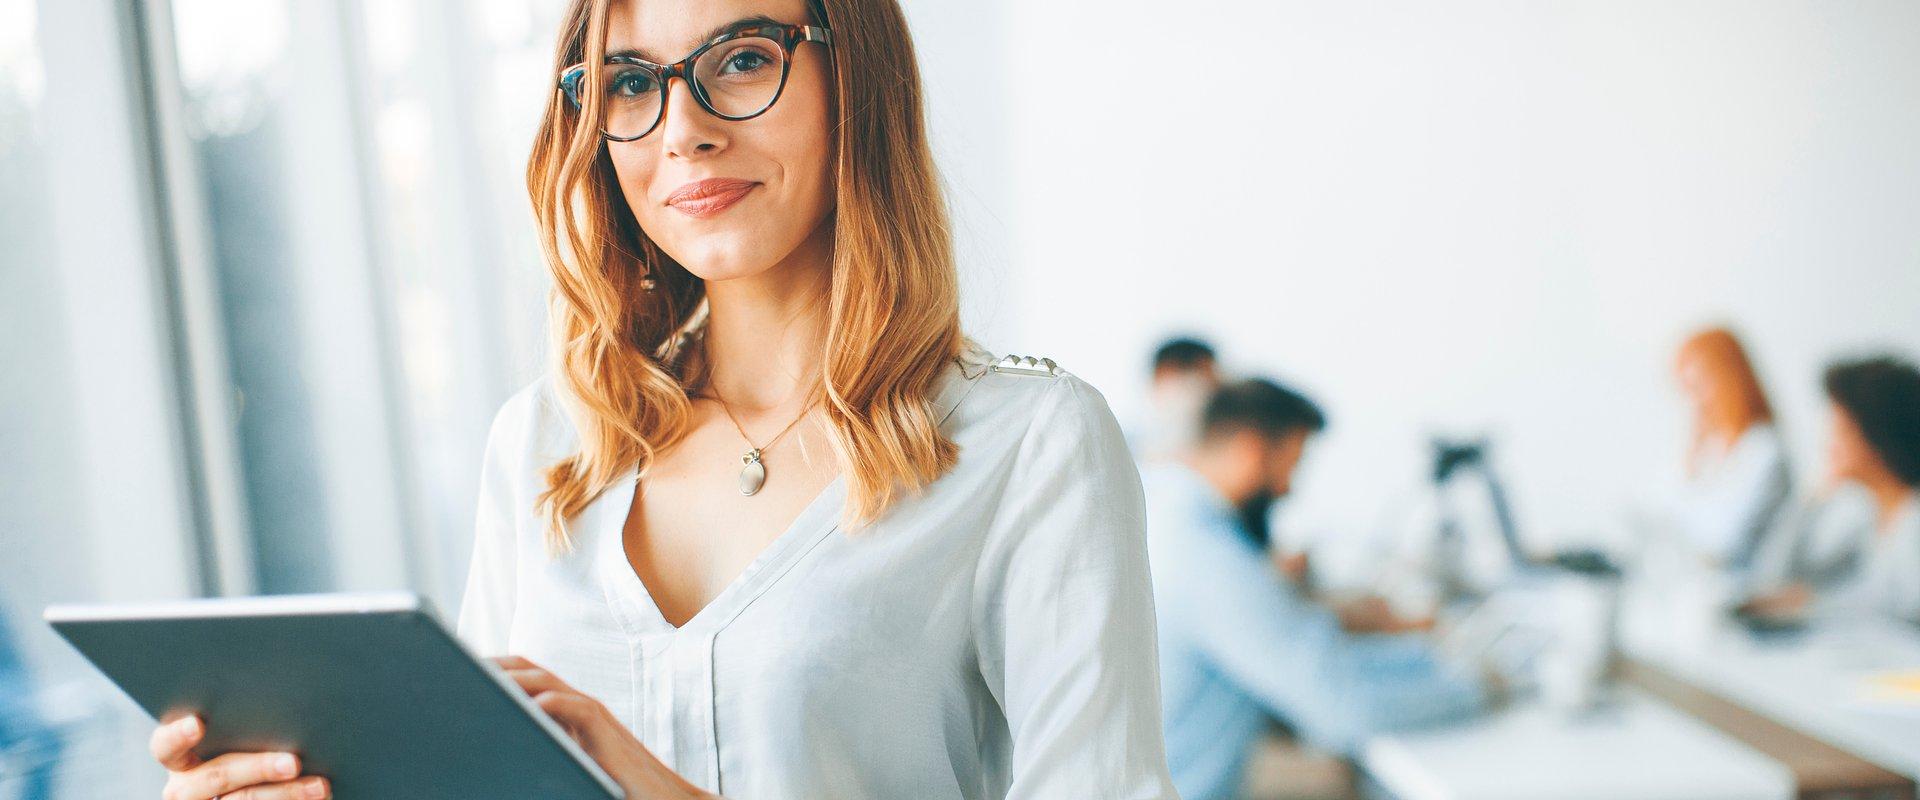 Pracownicy o cyfryzacji – raport pracuj.pl